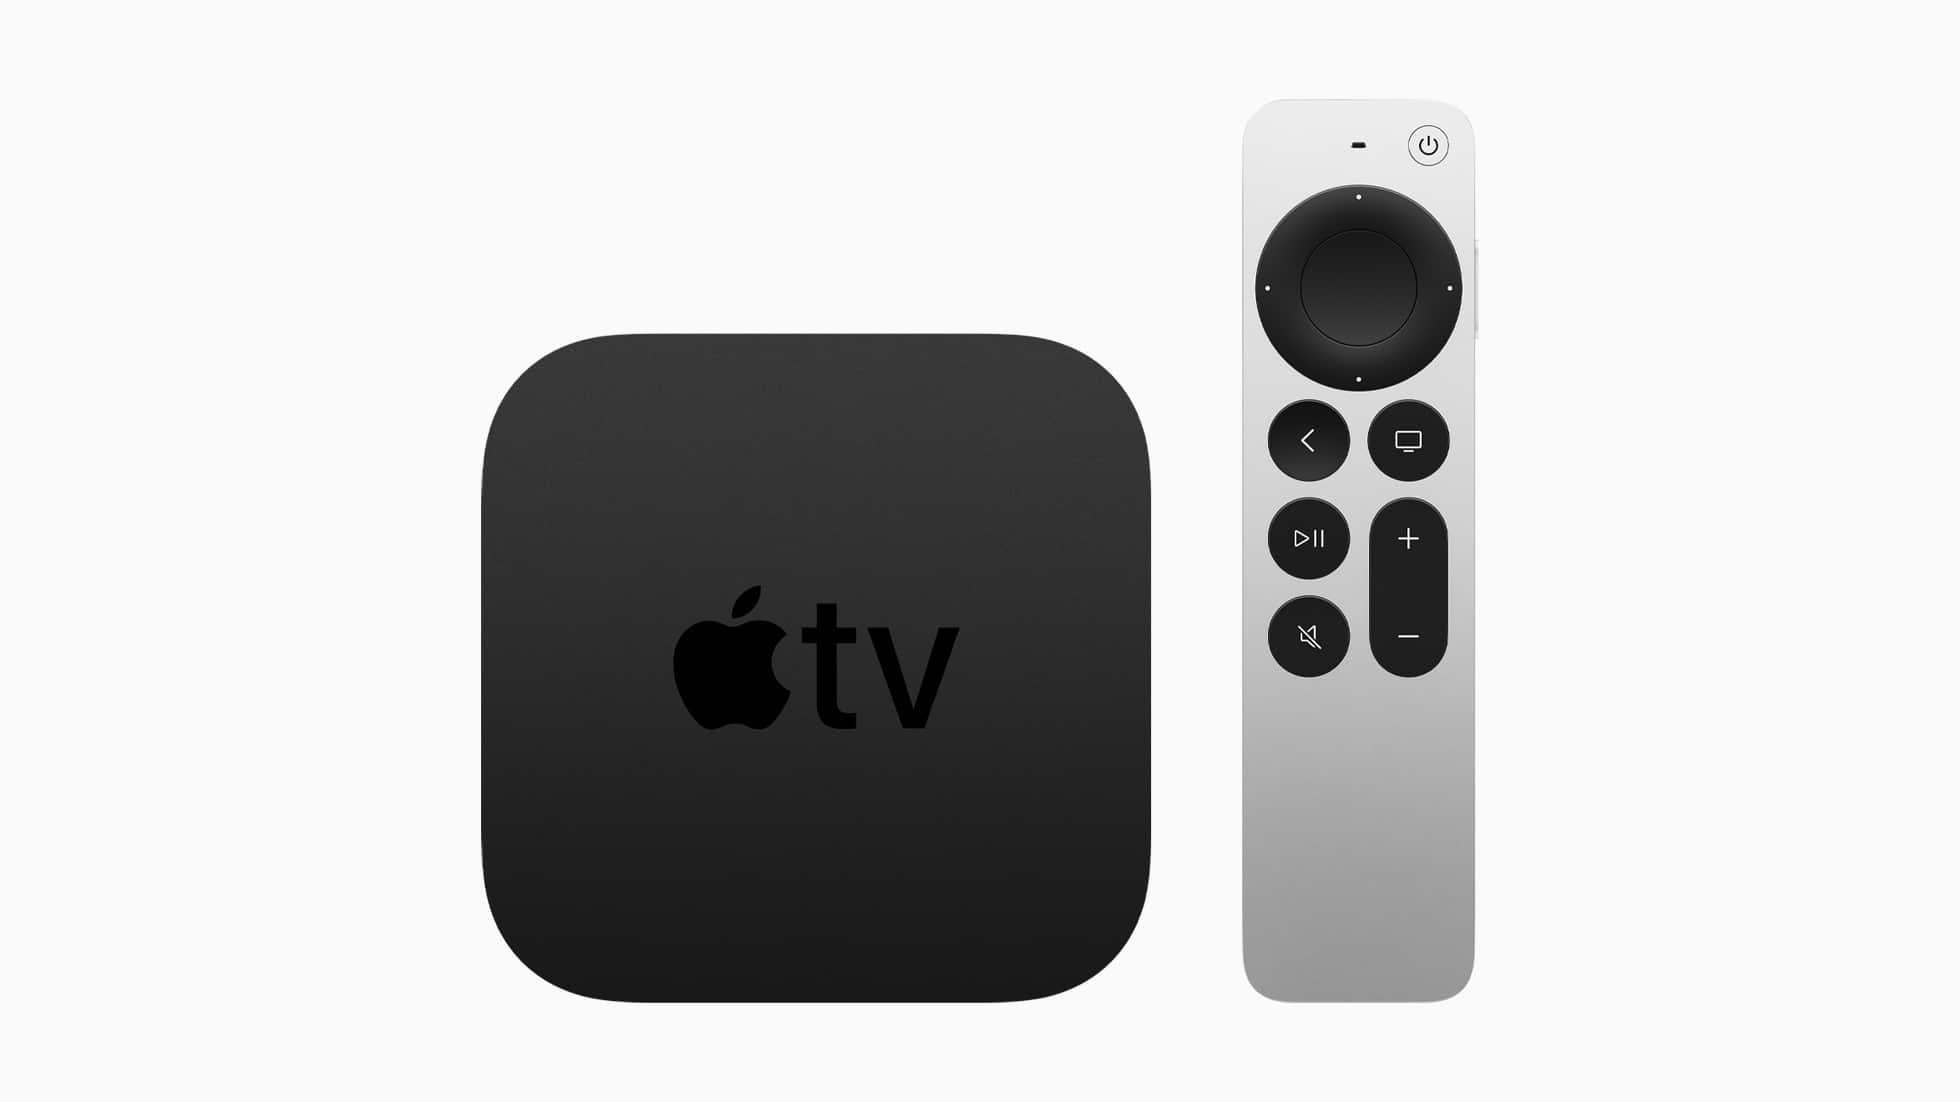 Apple חושפת את הדור הבא של ה- Apple TV 4K! המכשיר הידוע כמעולה לצפייה בסדרות וסרטים – כעת אפילו טוב עוד יותר!